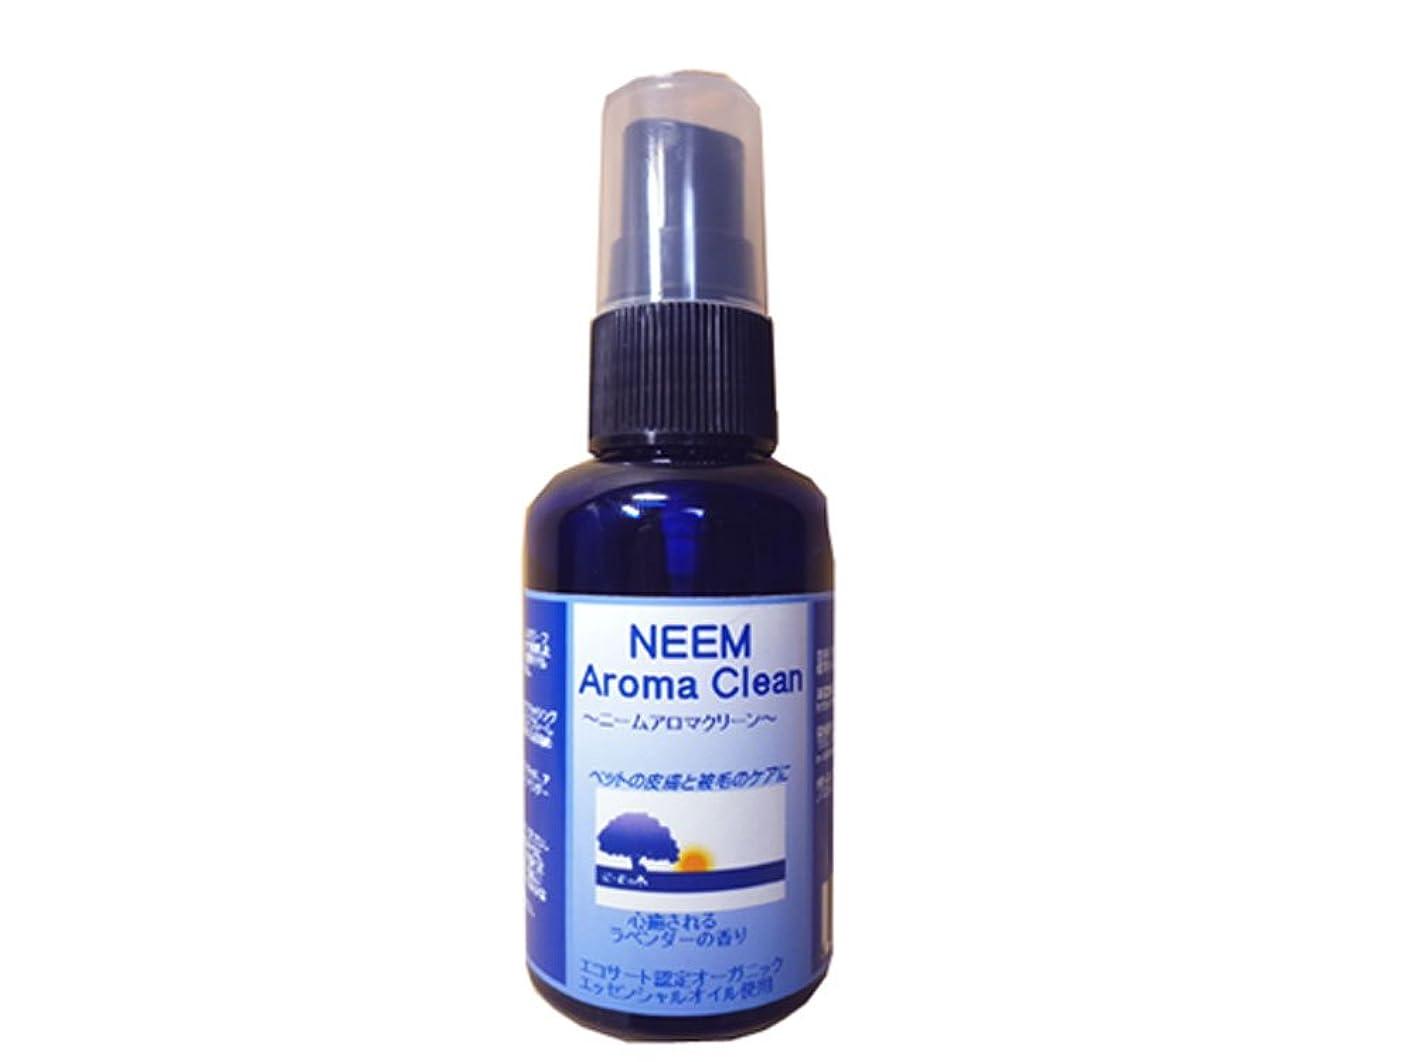 協会に向けて出発アクロバットニームアロマクリーン(ラベンダー) NEEM Aroma Clean 50ml 【BLOOM】【(ノミ?ダニ)駆除用としてもお使いいただけます。】